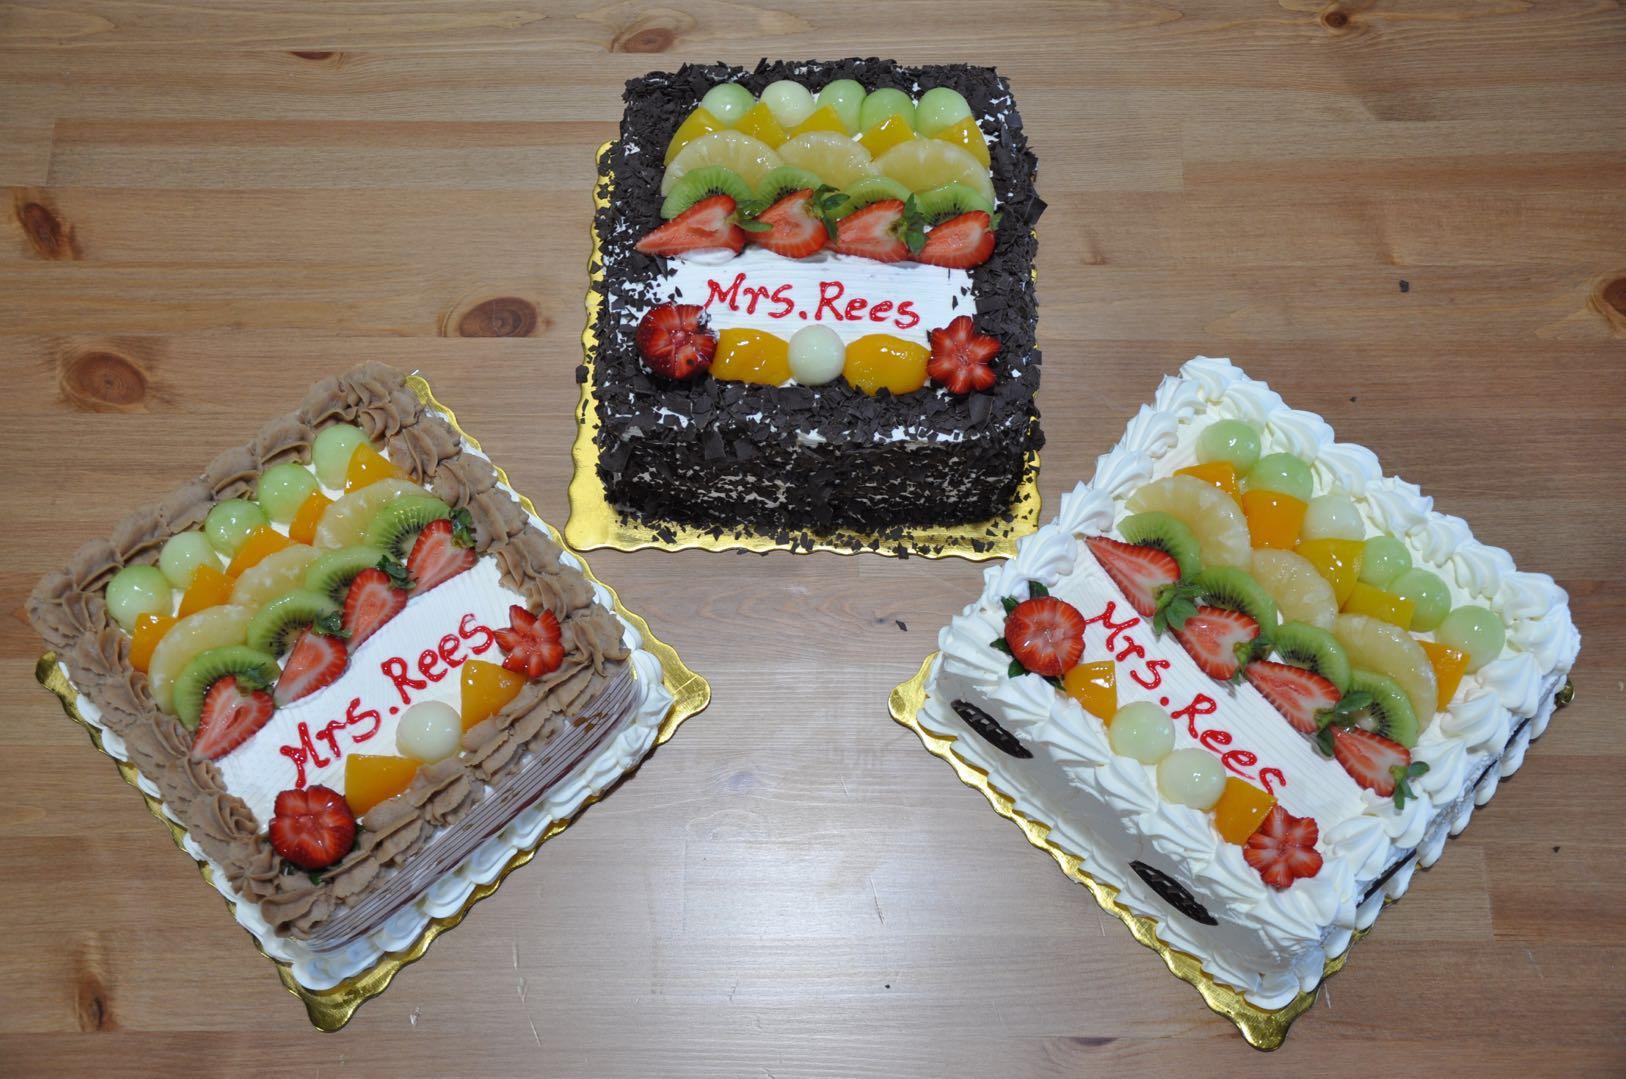 cake.jpg - 235.85 kb